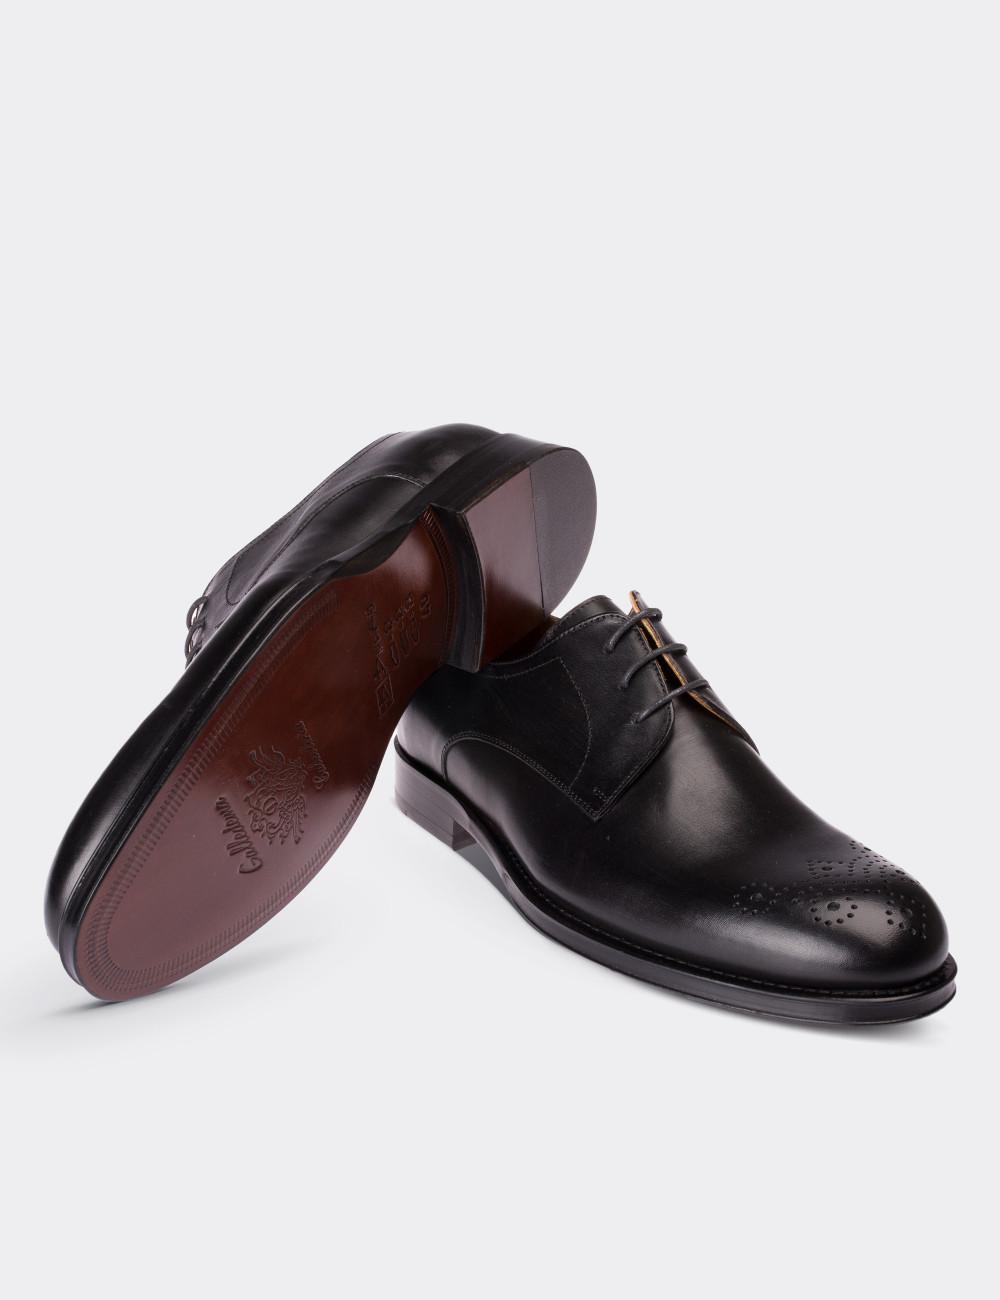 acf387e9da4e3 Hakiki Deri Siyah Kösele Klasik Erkek Ayakkabı - 01604MSYHK01